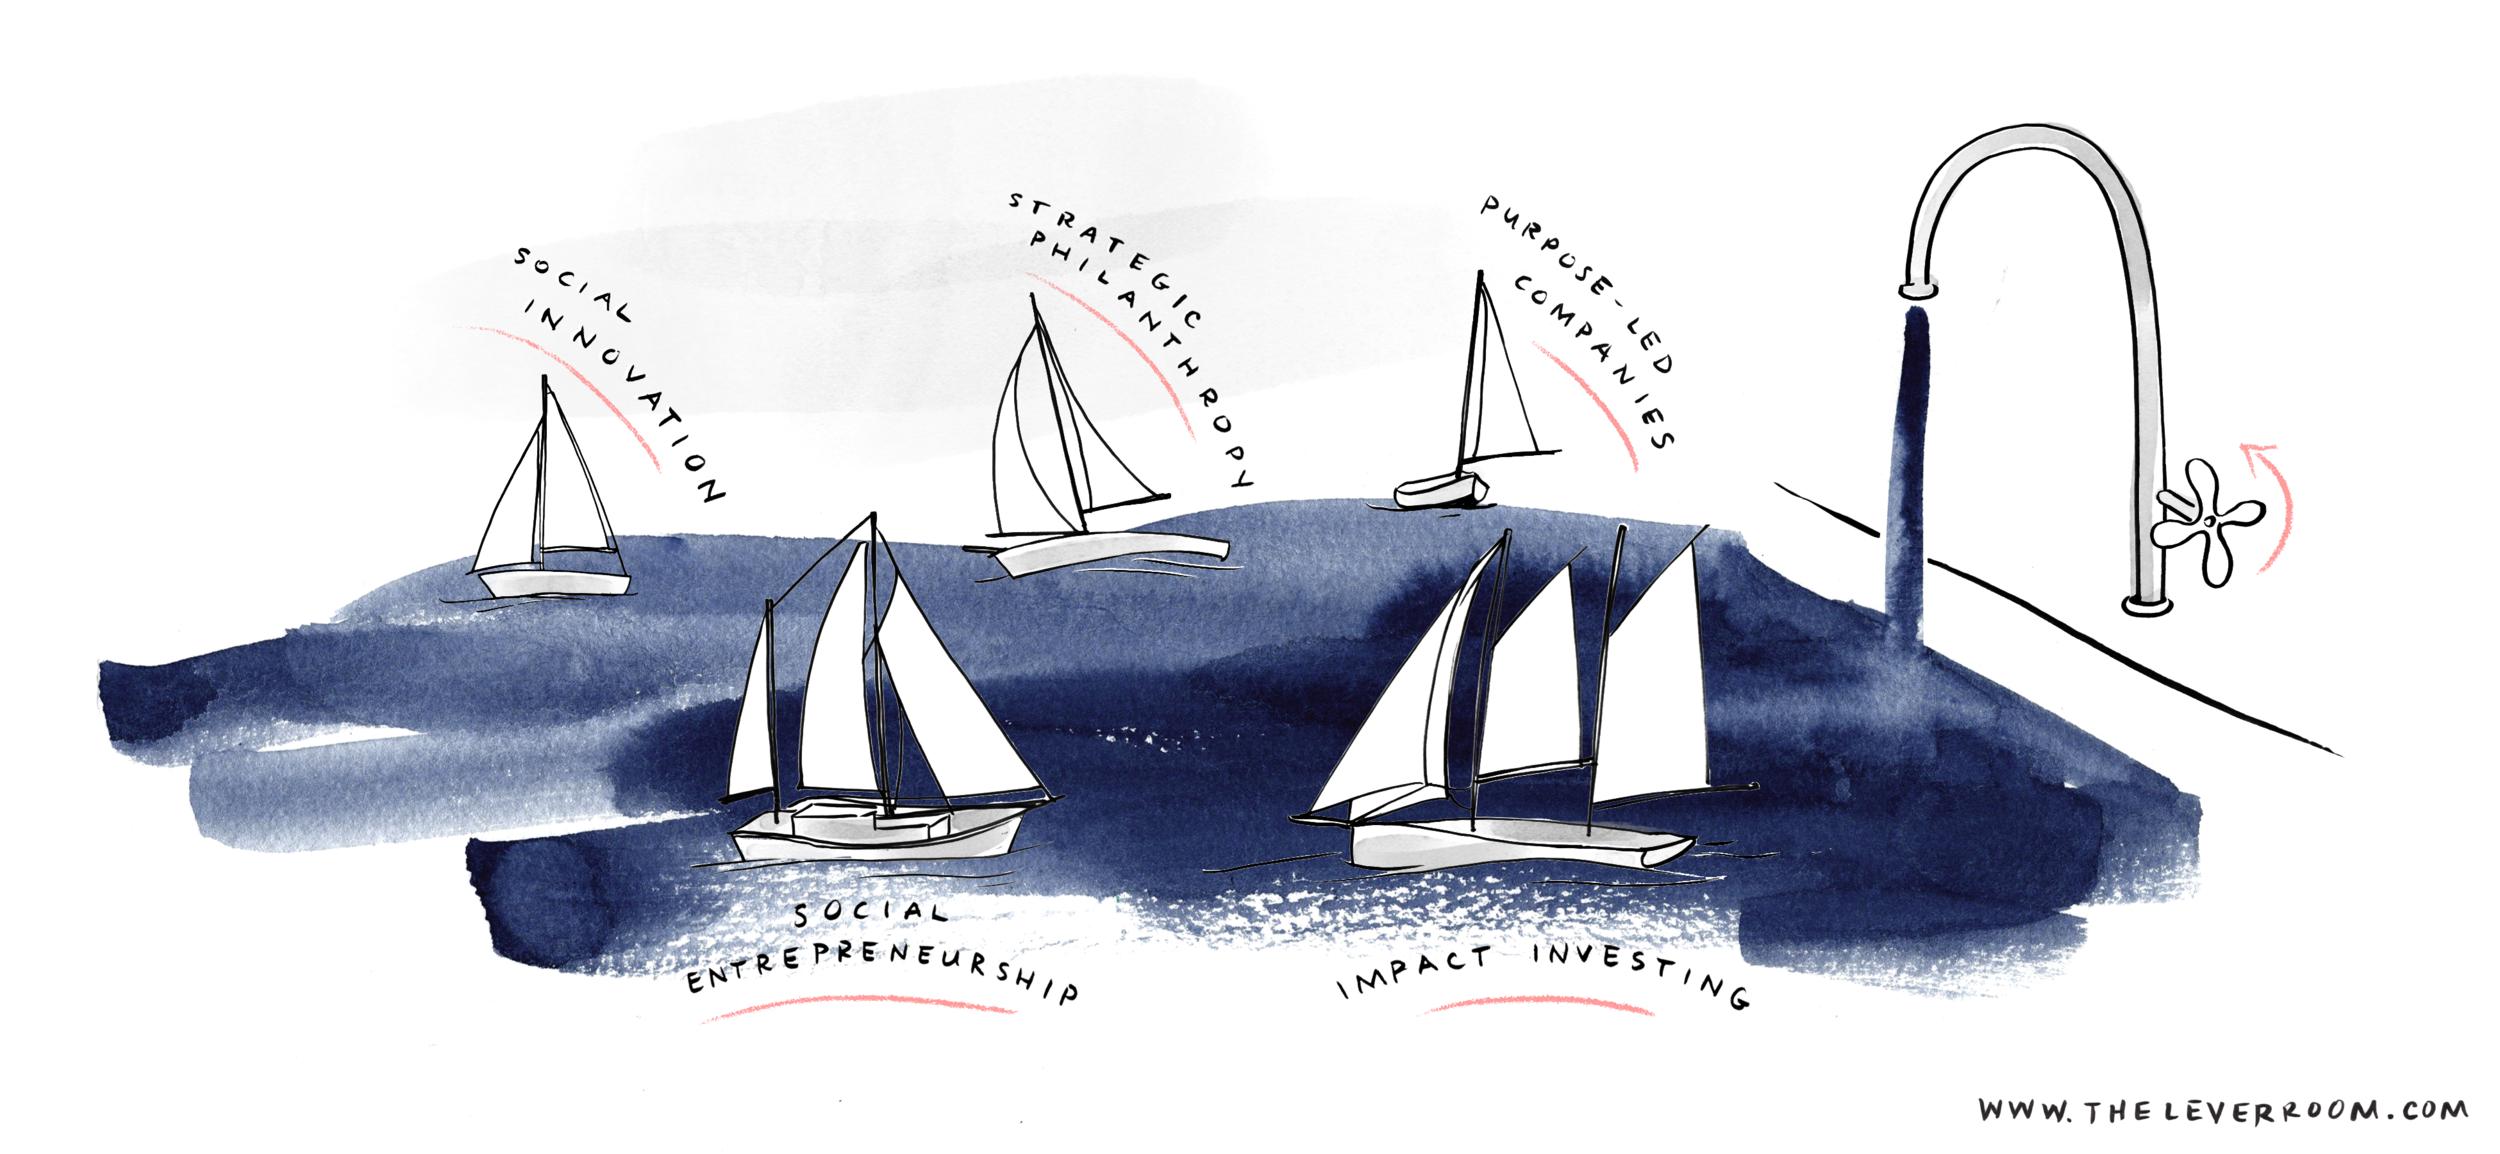 Sailboats-illustration_The-Lever-Room_Erin-Ellis.png